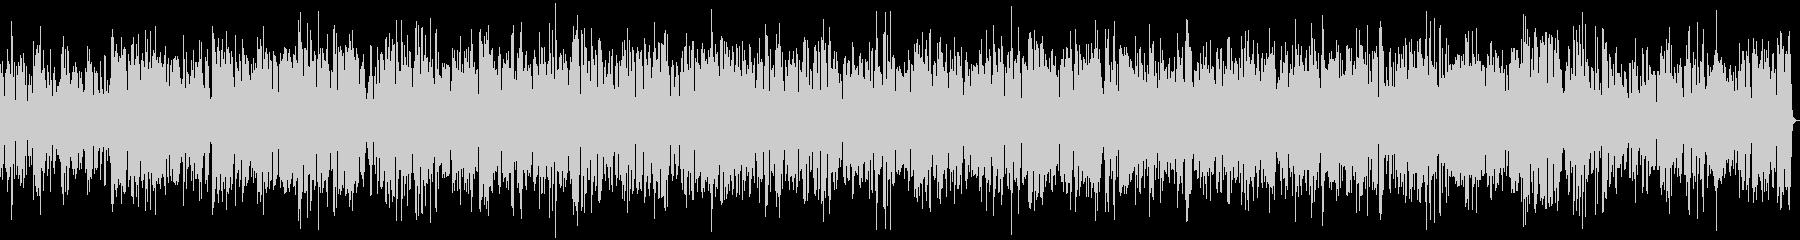 ボサノバ癒し系ビブラフォンとジャズピアノの未再生の波形